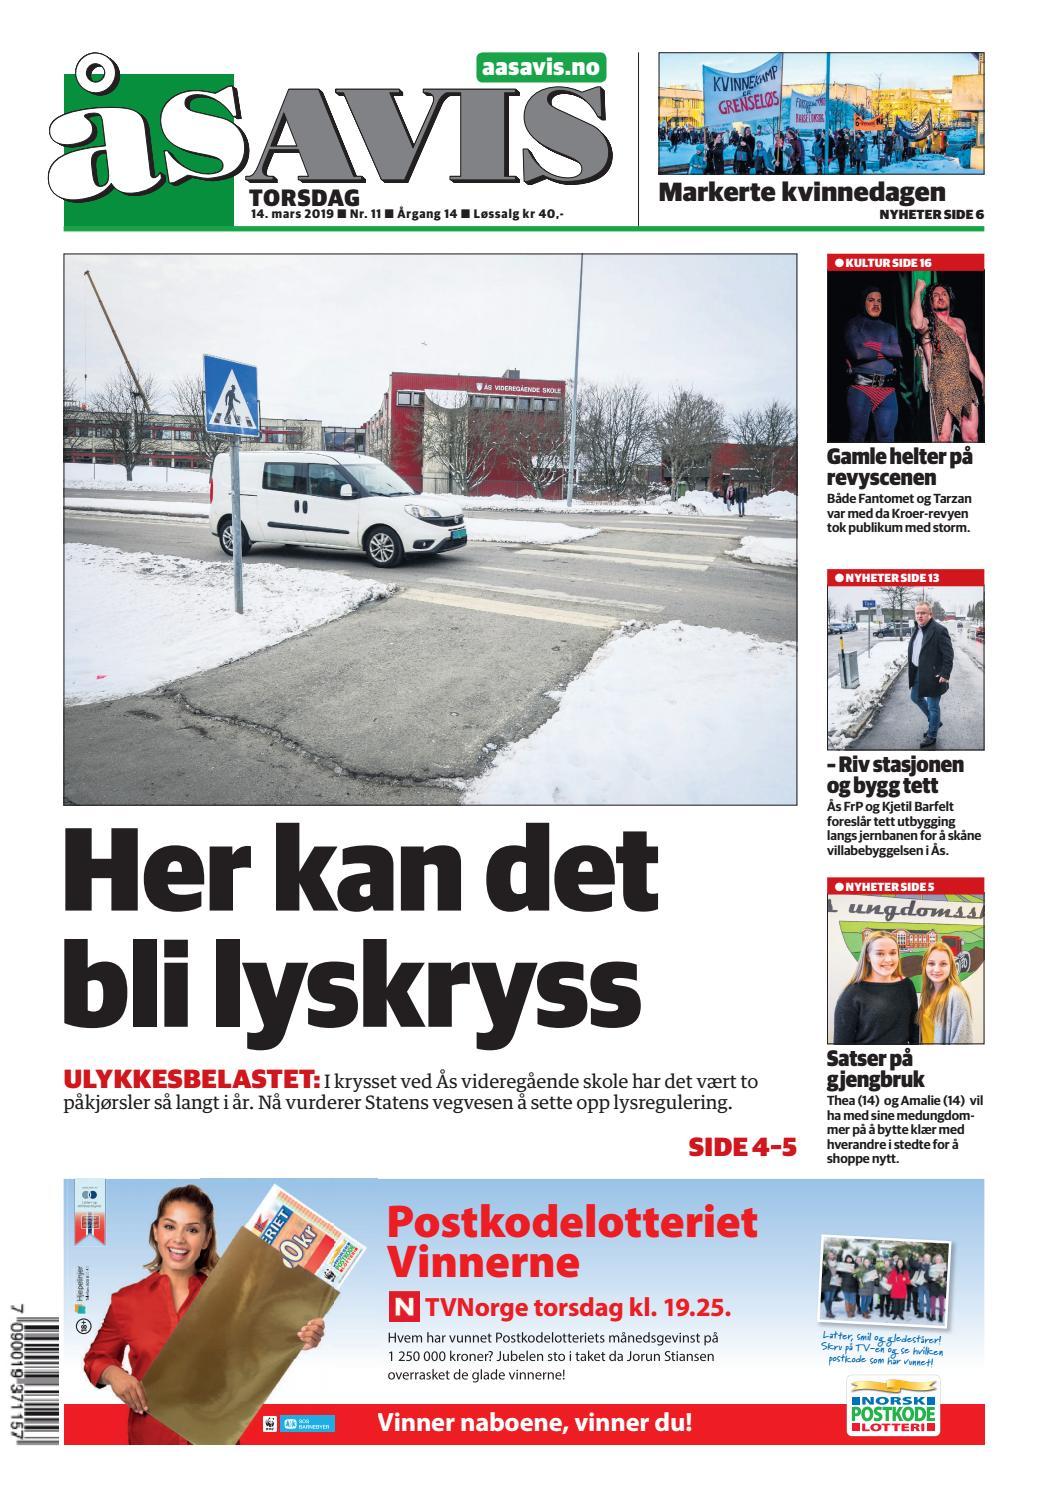 svenske jenter søker menn i alingsås russiske kvinner fra nord-aurdal søker sexdate